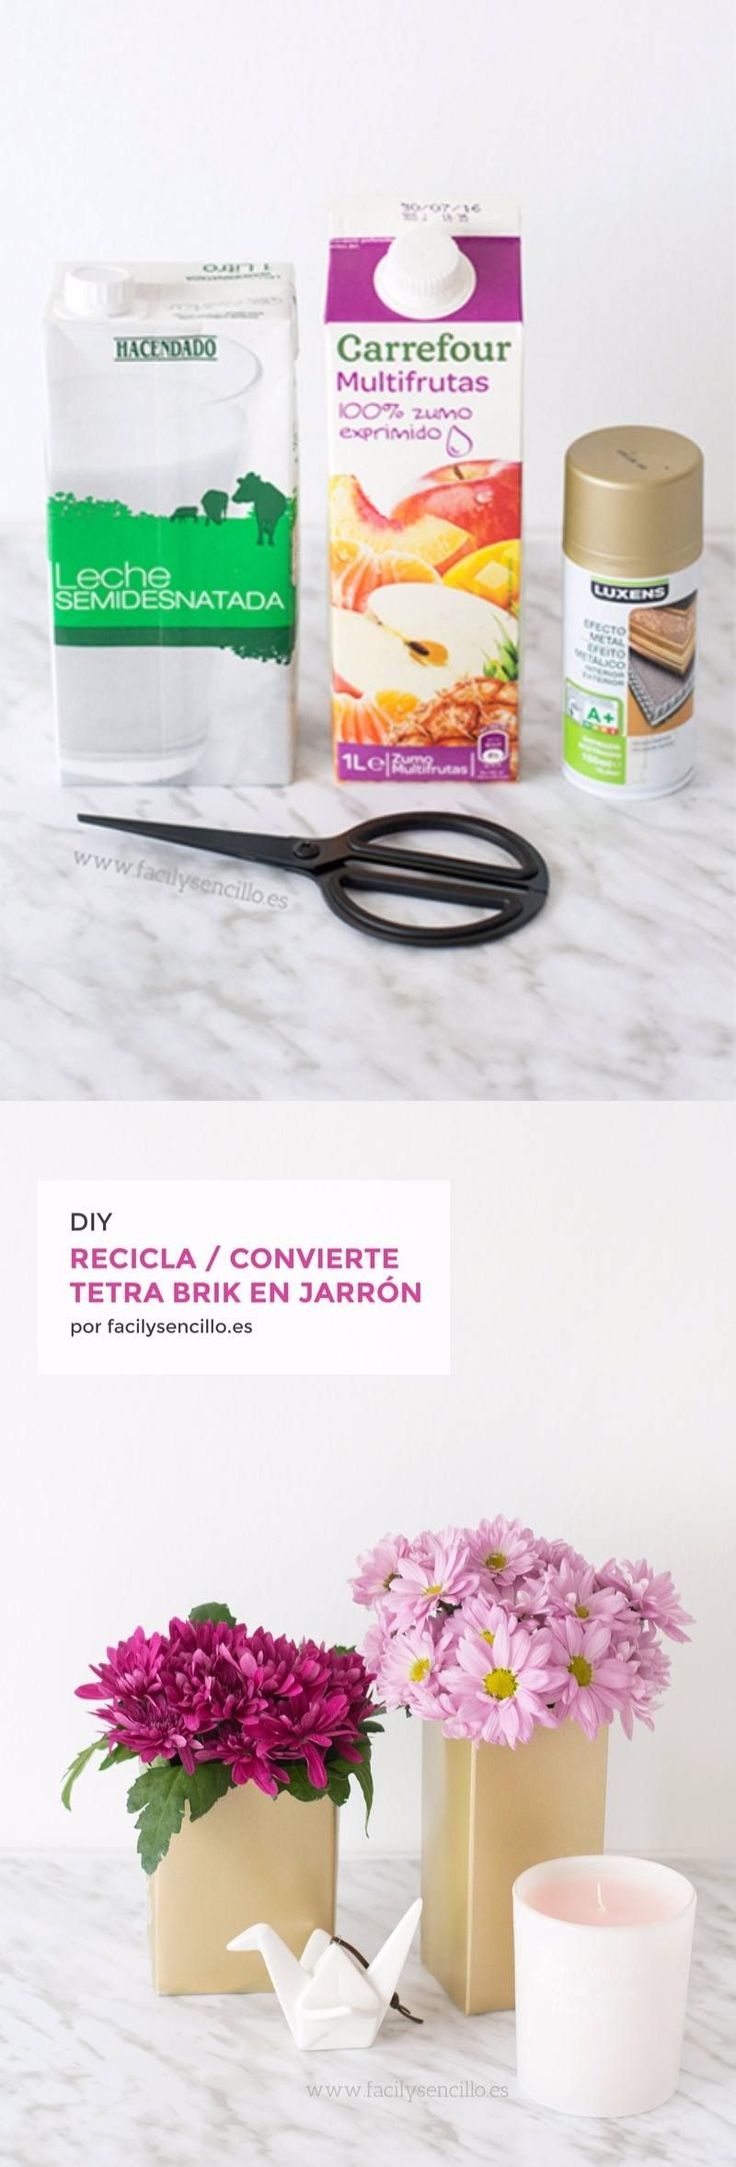 Jarrones DIY reciclando Tetra Brik - facilysencillo.es - DIY Upcycled Tetra Pak to Gold Planters